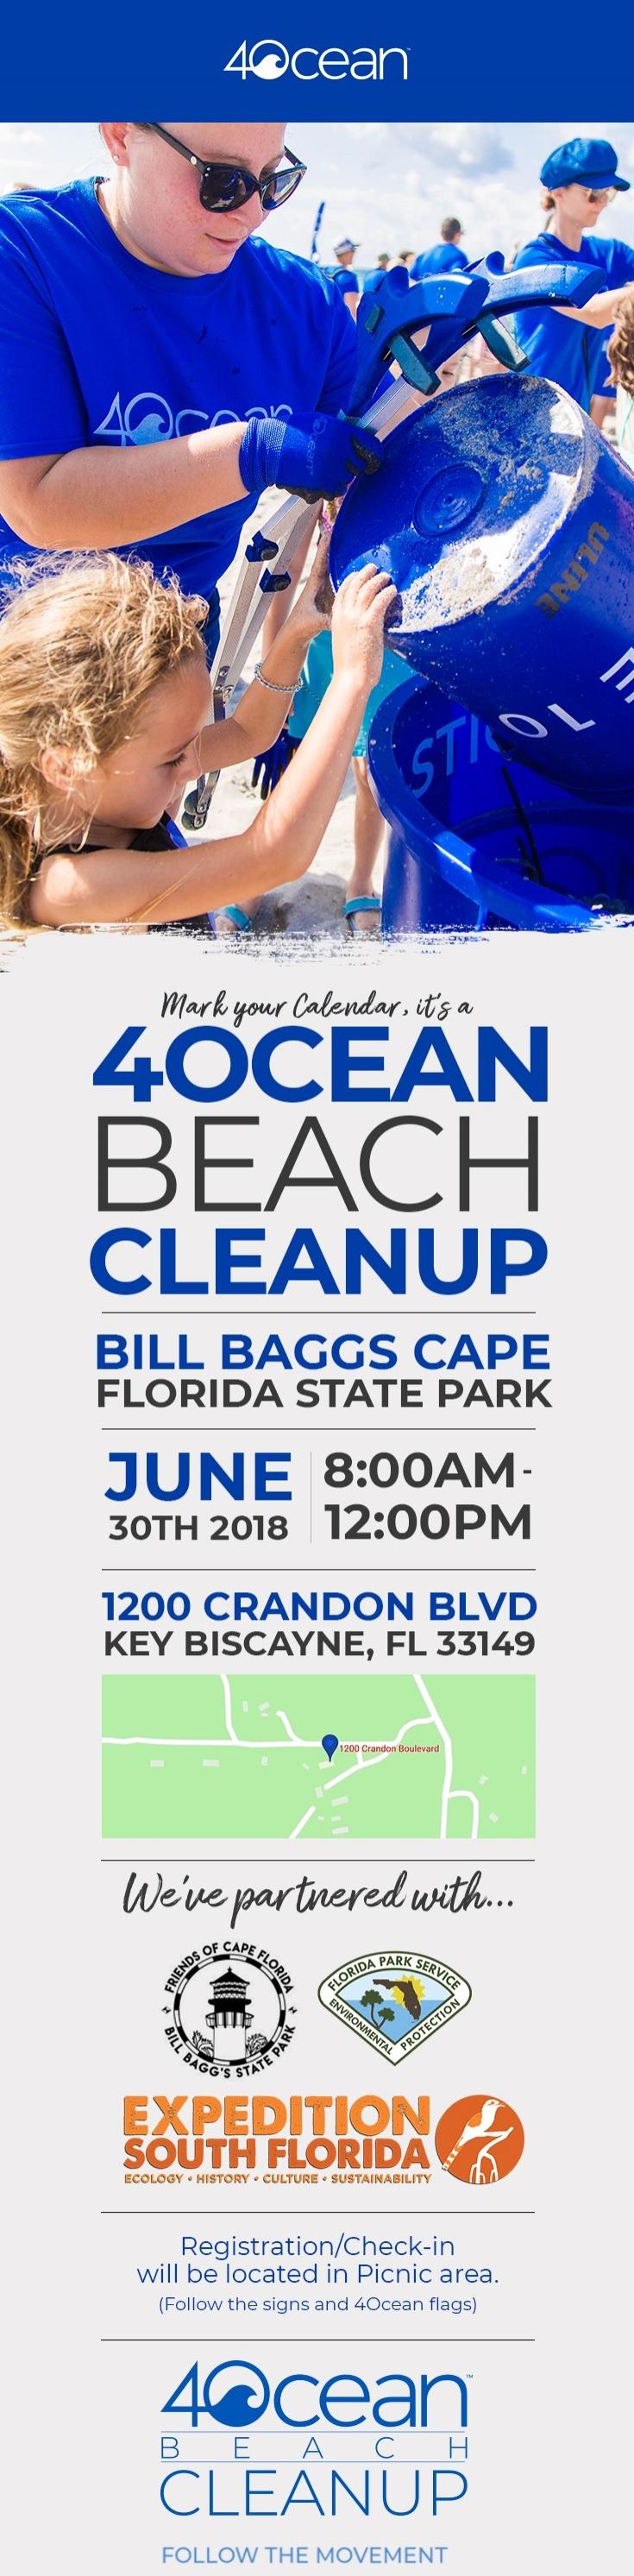 4Oceans email 2.jpg